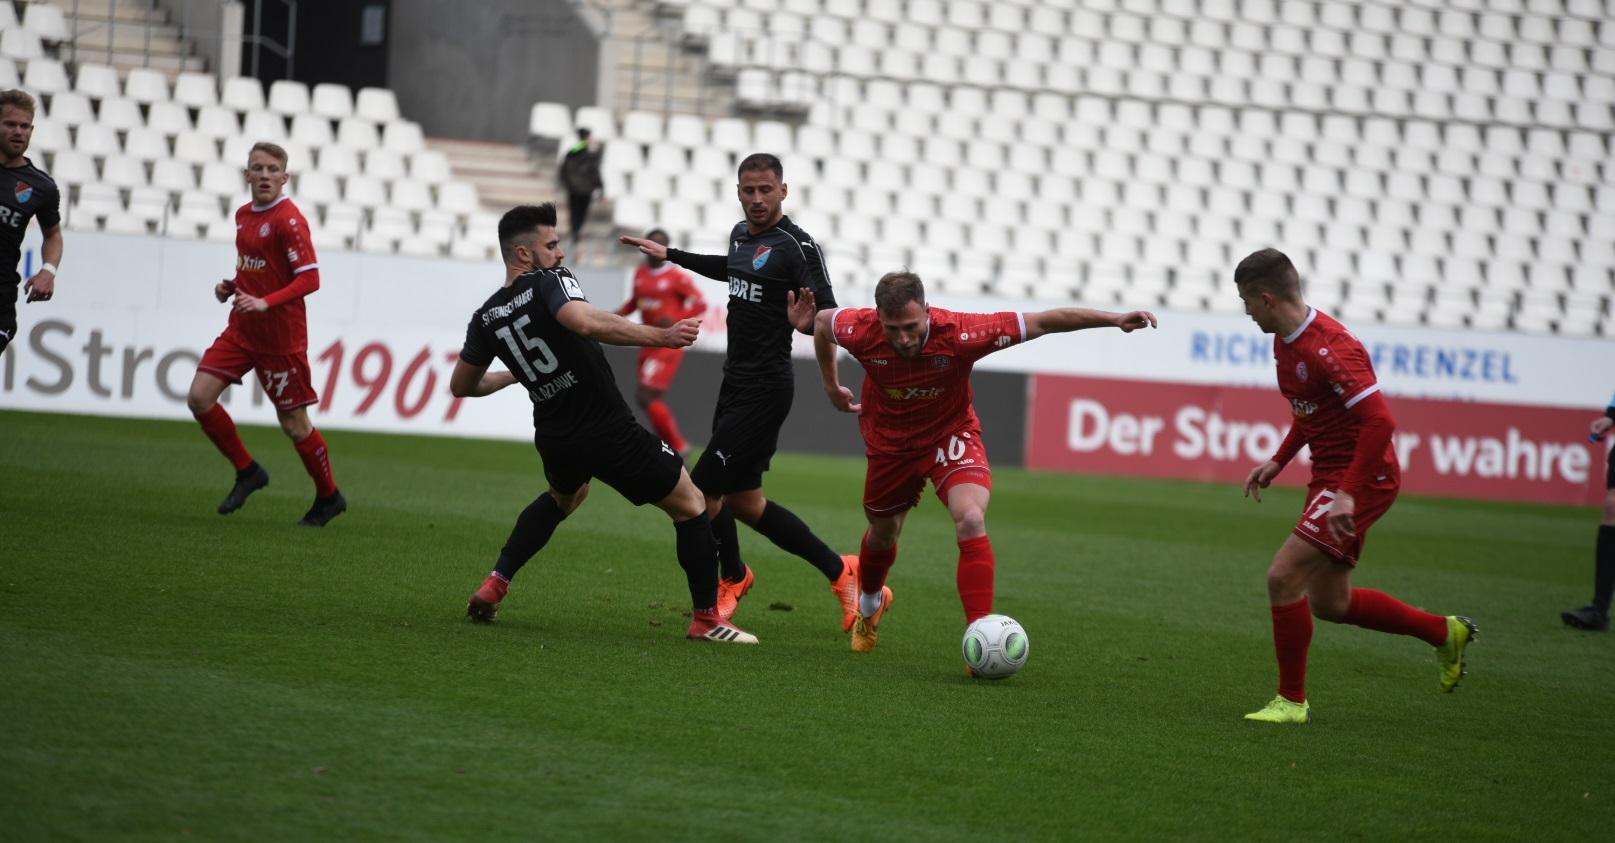 RWE spielte gut, letztendlich fehlte gegen den Südwest-Regionalligisten TSV Steinbach ein Tor. (Foto: Rotzoll)